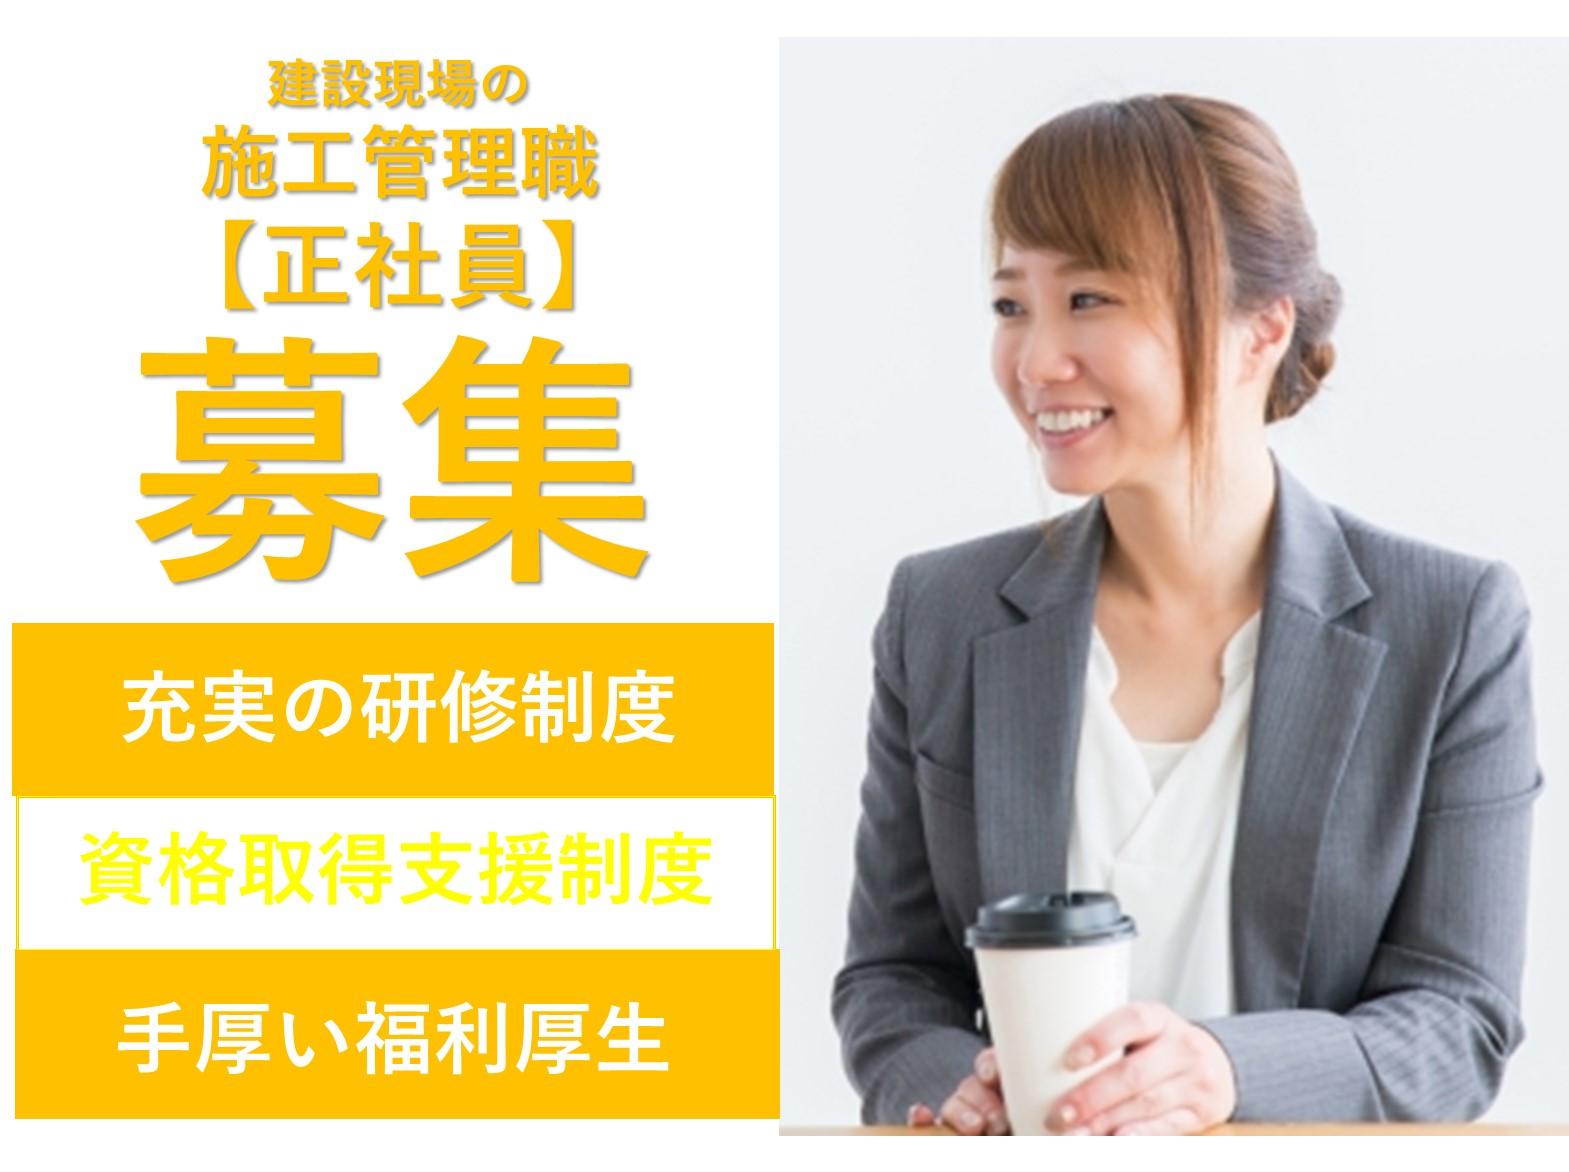 即面談可能【新卒採用】キャリアアップを目指す!資格取得支援制度◎施工管理職 イメージ